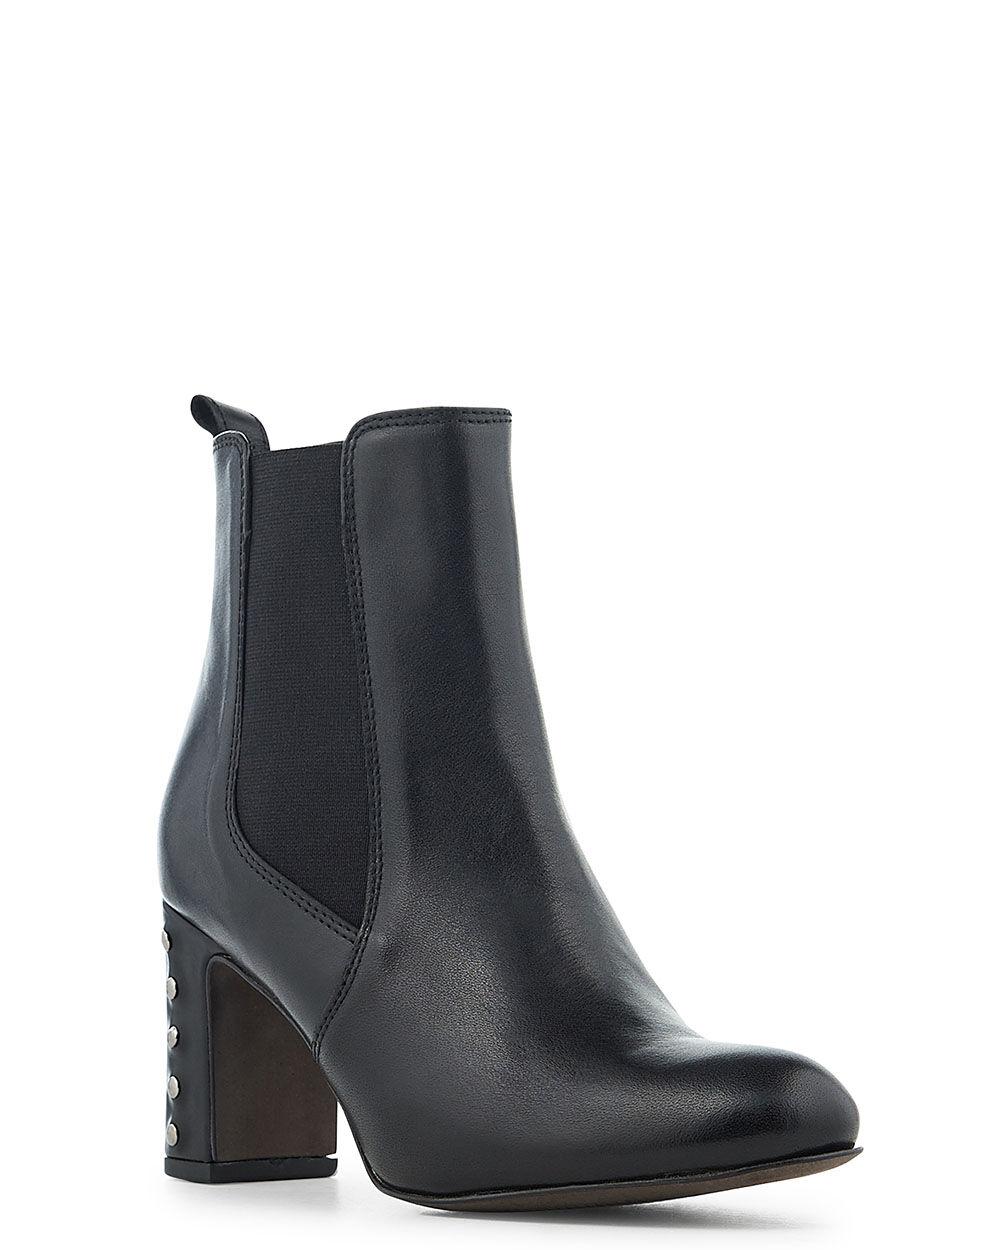 Minelli Pour Chaussures Chez Tendance Femme Chaussure xXg8q76